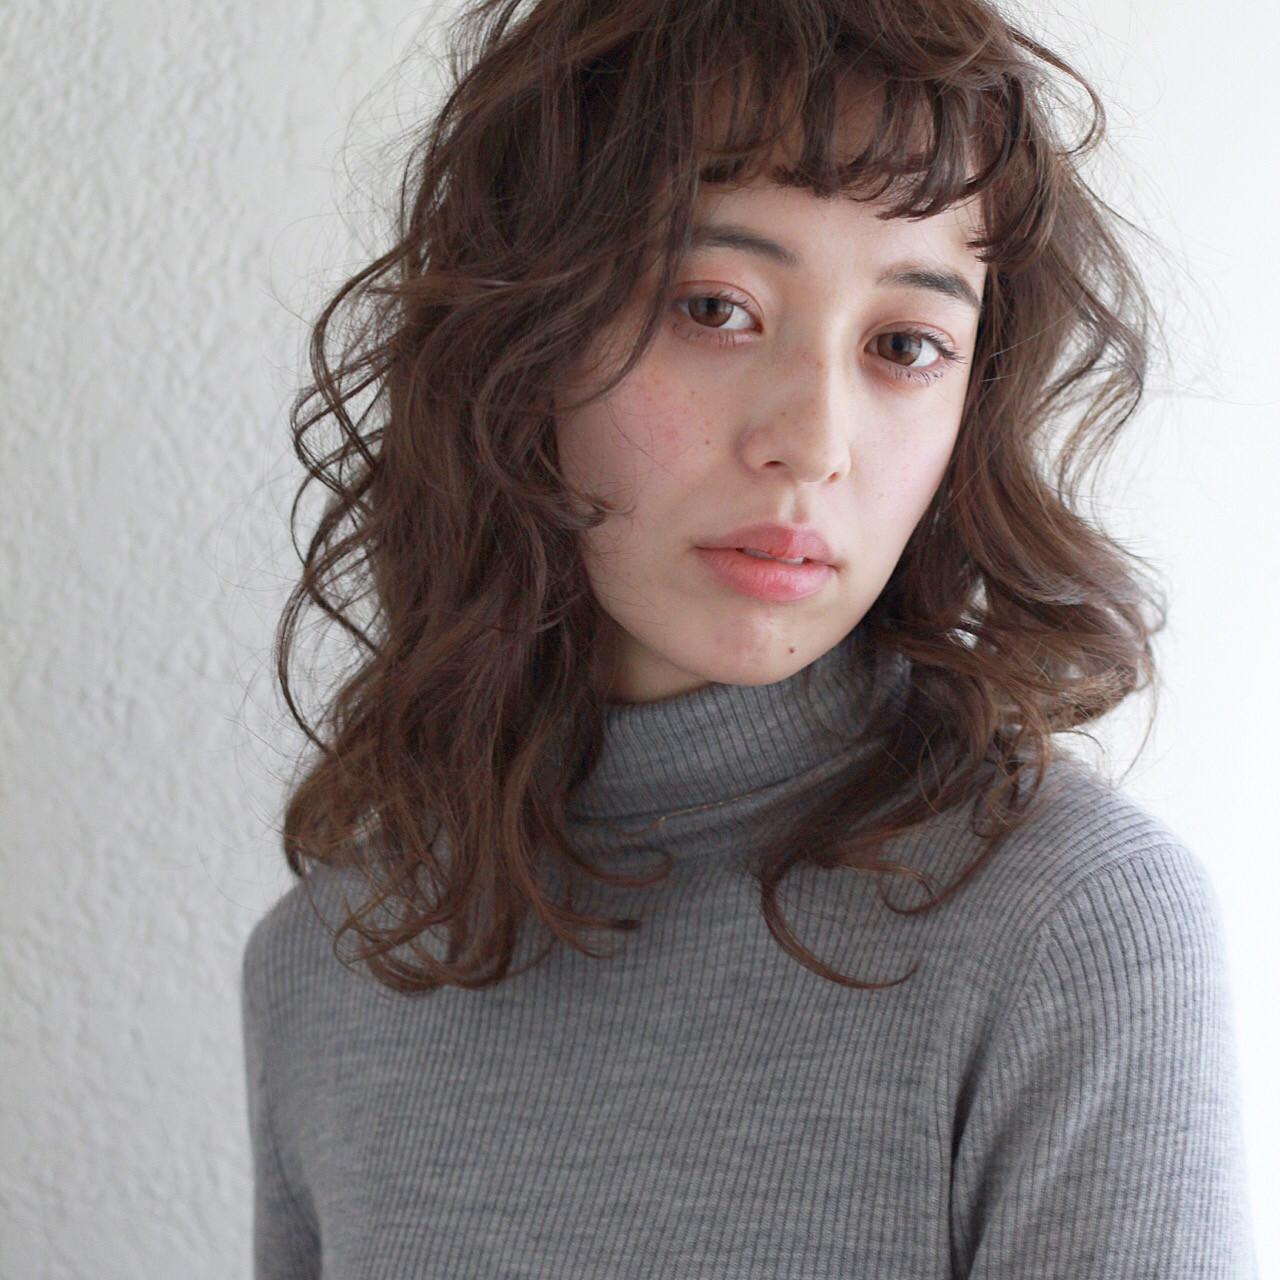 オン眉 ガーリー アッシュグレージュ アンニュイ ヘアスタイルや髪型の写真・画像